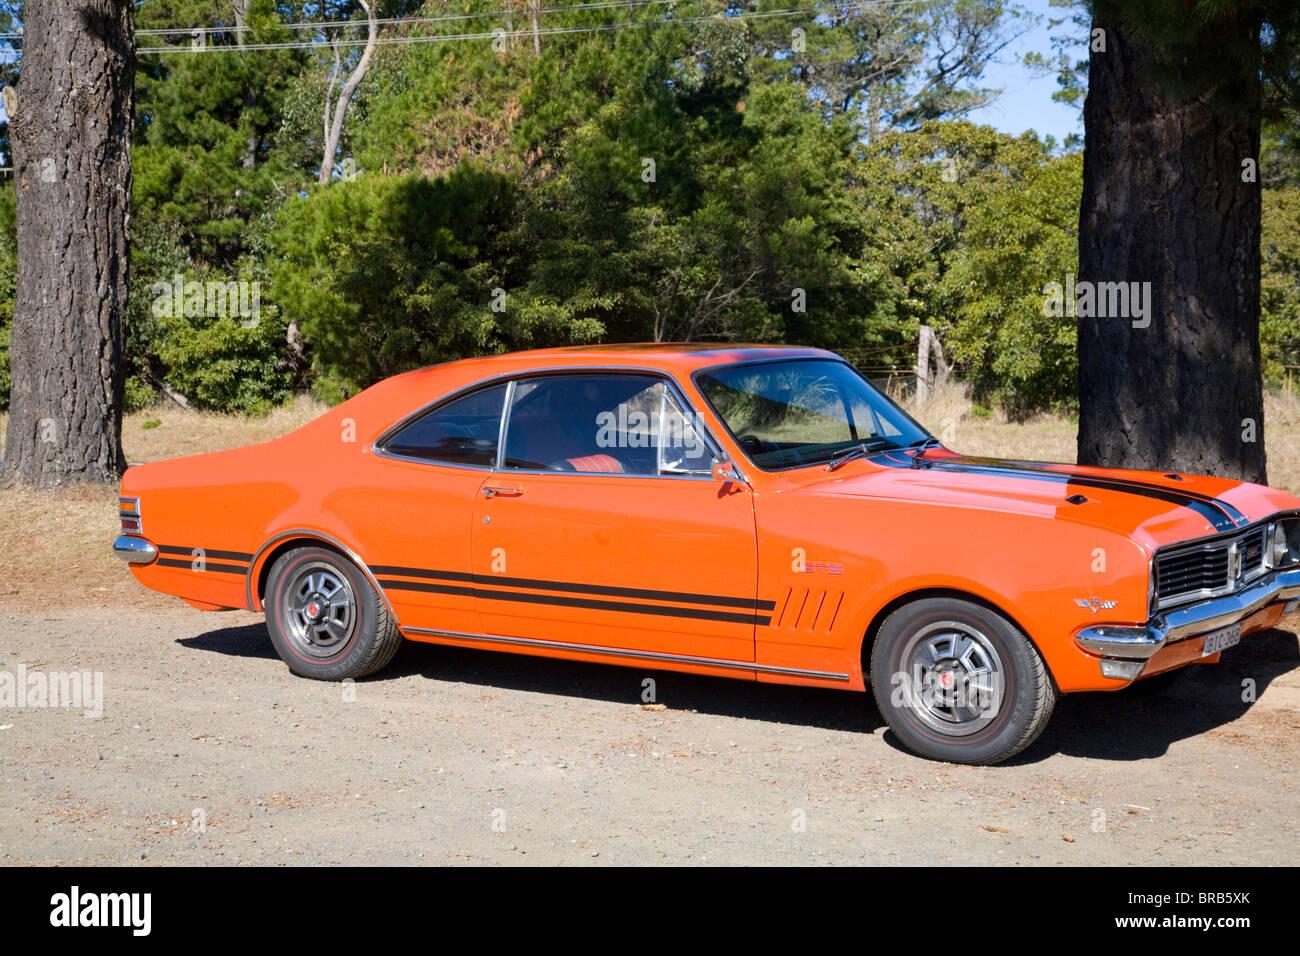 2 door classic aussie muscle car the holden monaro gts - Stock Image & Holden Monaro Stock Photos \u0026 Holden Monaro Stock Images - Alamy